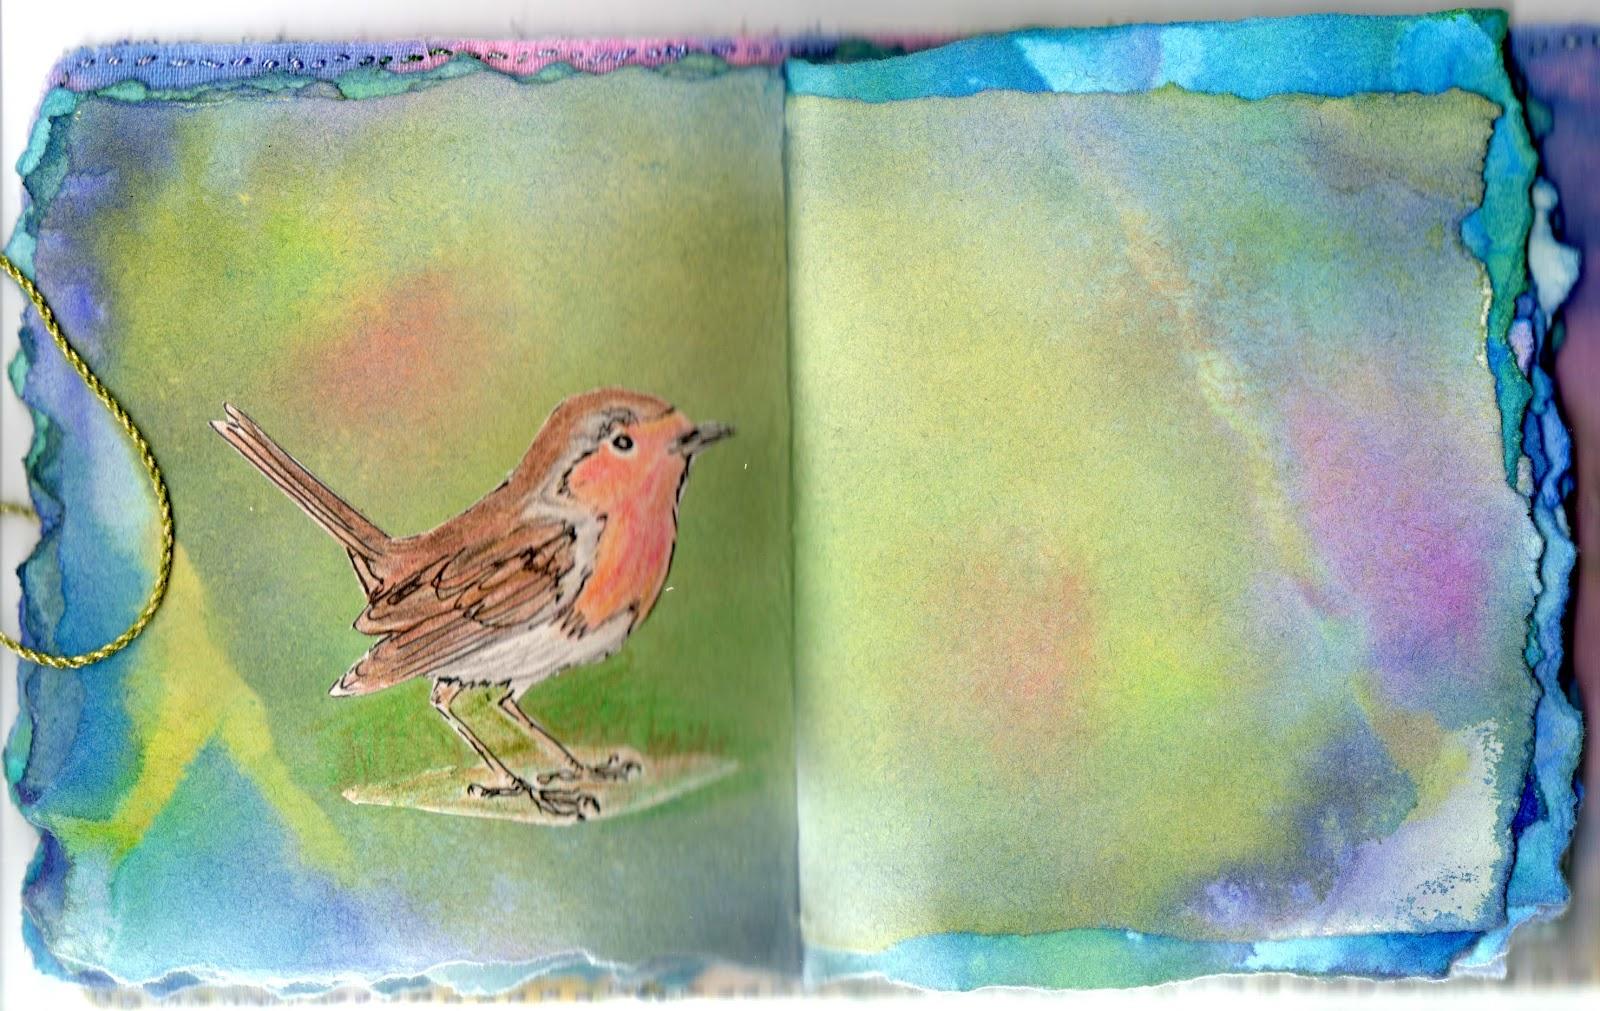 http://4.bp.blogspot.com/-_Li0HZwtmQ8/T55sSehv-PI/AAAAAAAAAeE/33VQe2GrdiY/s1600/Bird+03.jpg